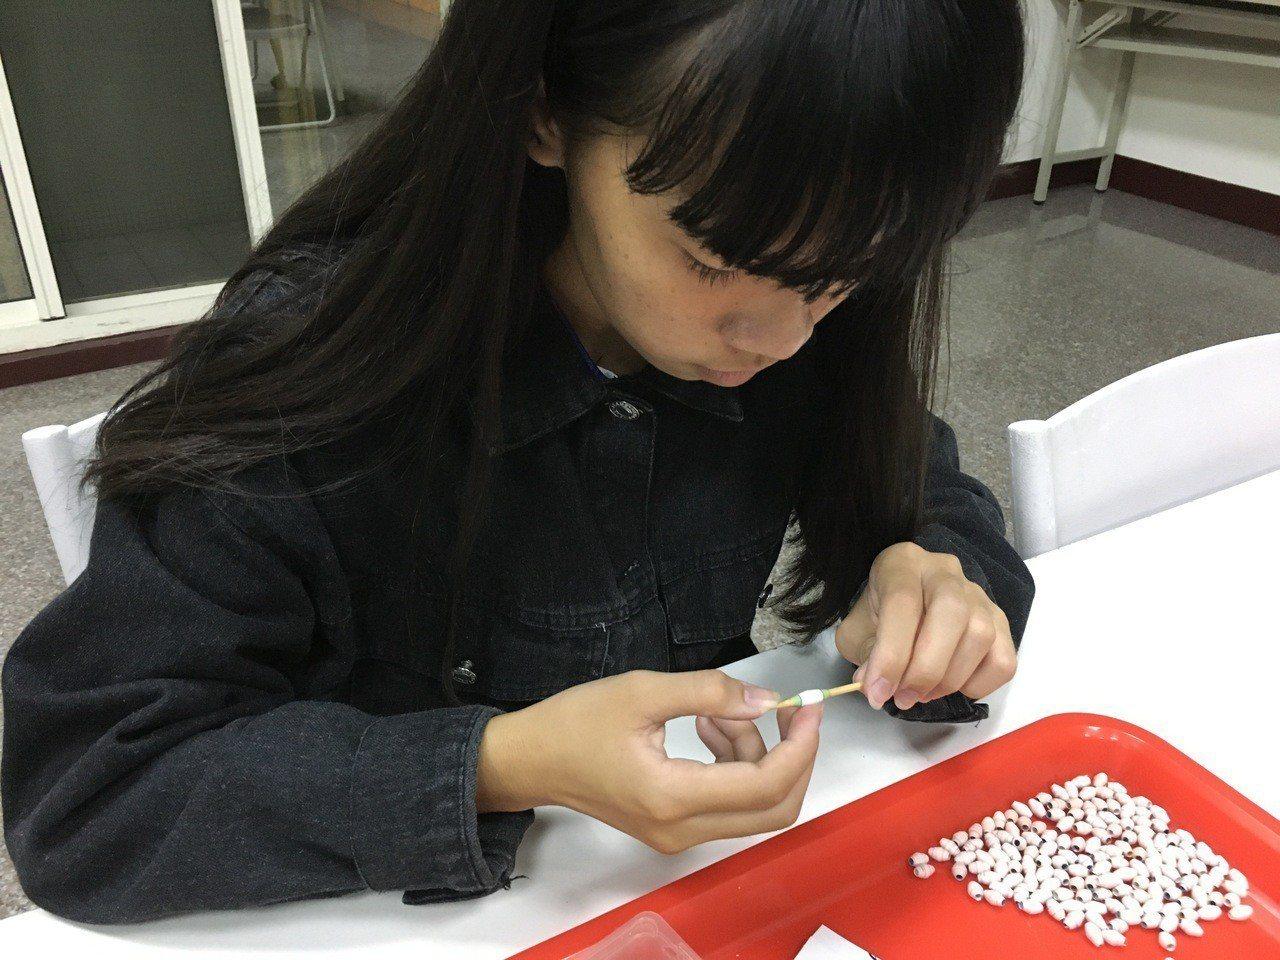 高一女生小怡是彰化家扶扶助的孩子,3年來每周六上午都努力捲珠簾做手工藝品義賣圓夢...